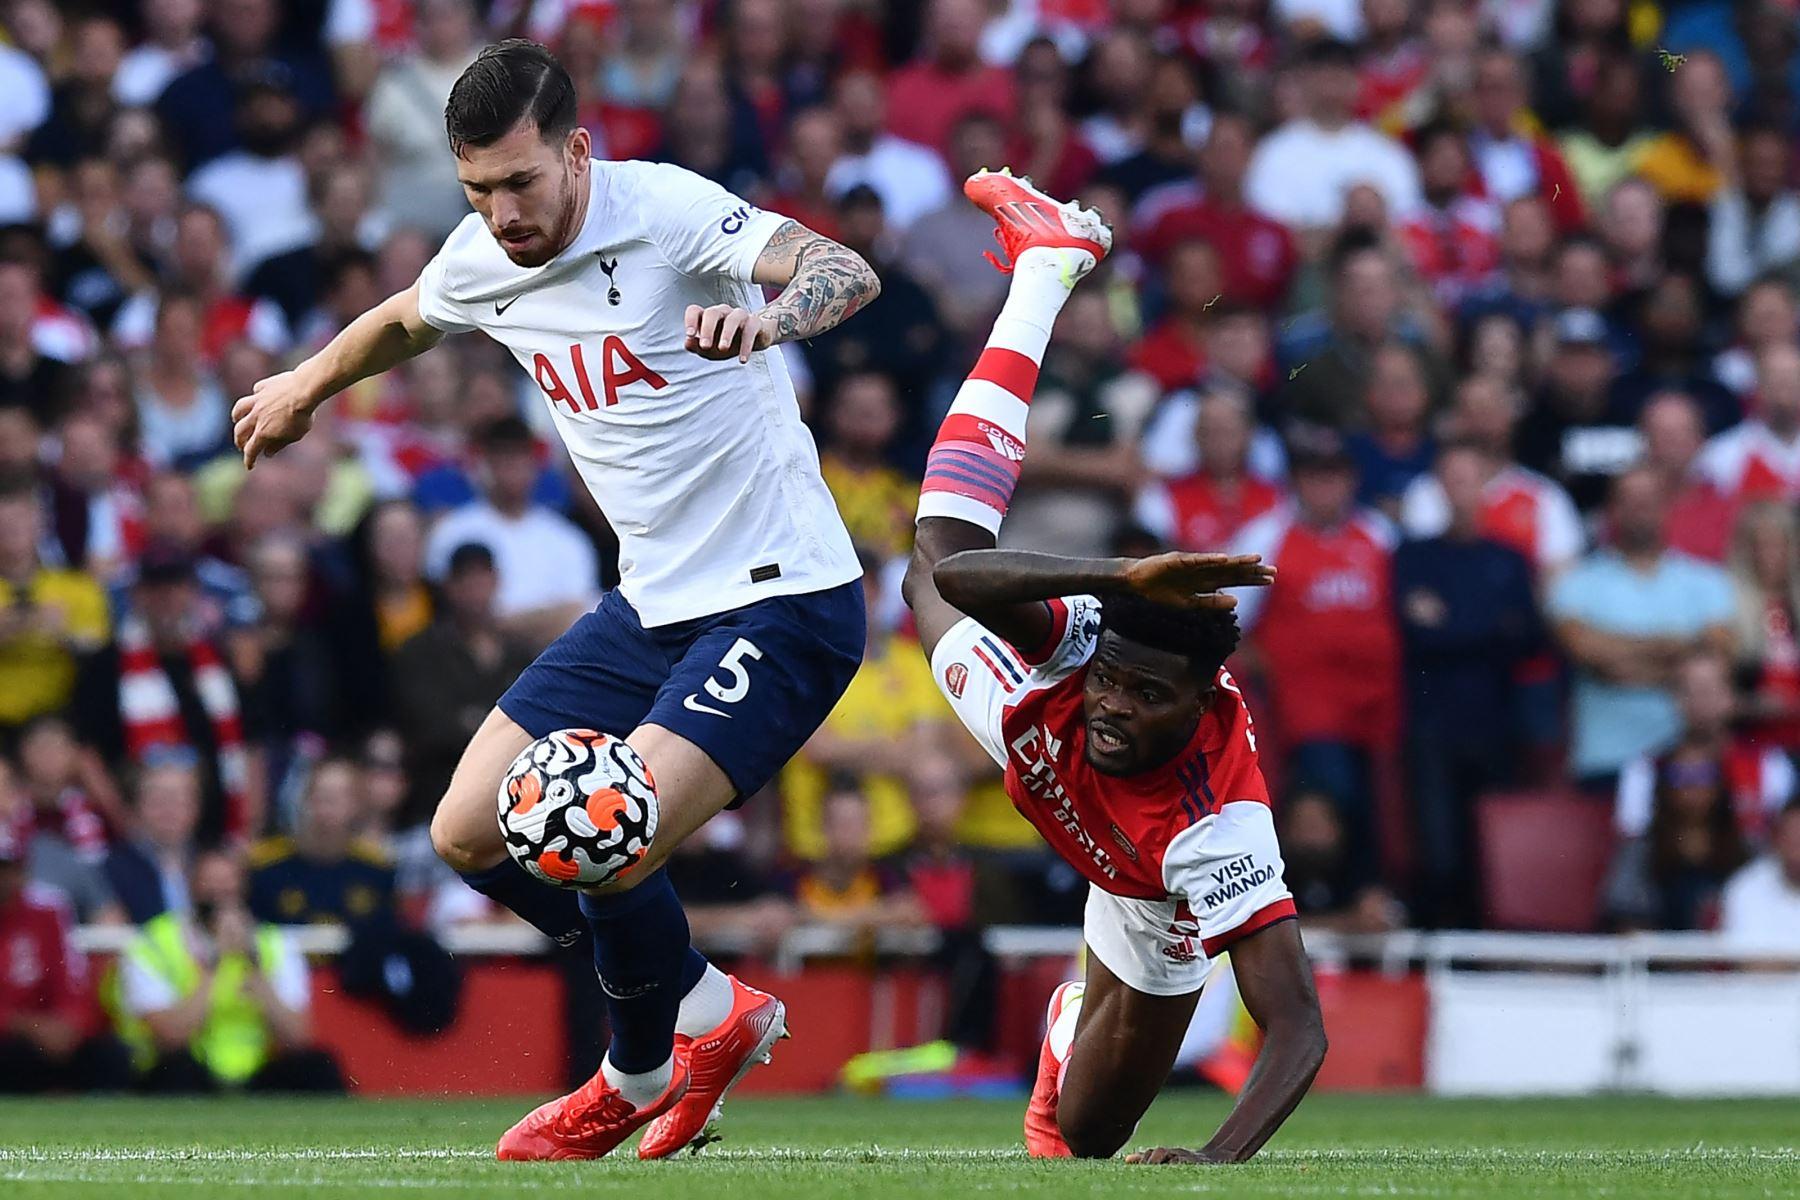 El centrocampista danés del Tottenham Hotspur Pierre-Emile Hojbjerg compite con el centrocampista ghanés del Arsenal Thomas Partey durante el partido de la Premier League. Foto: AFP